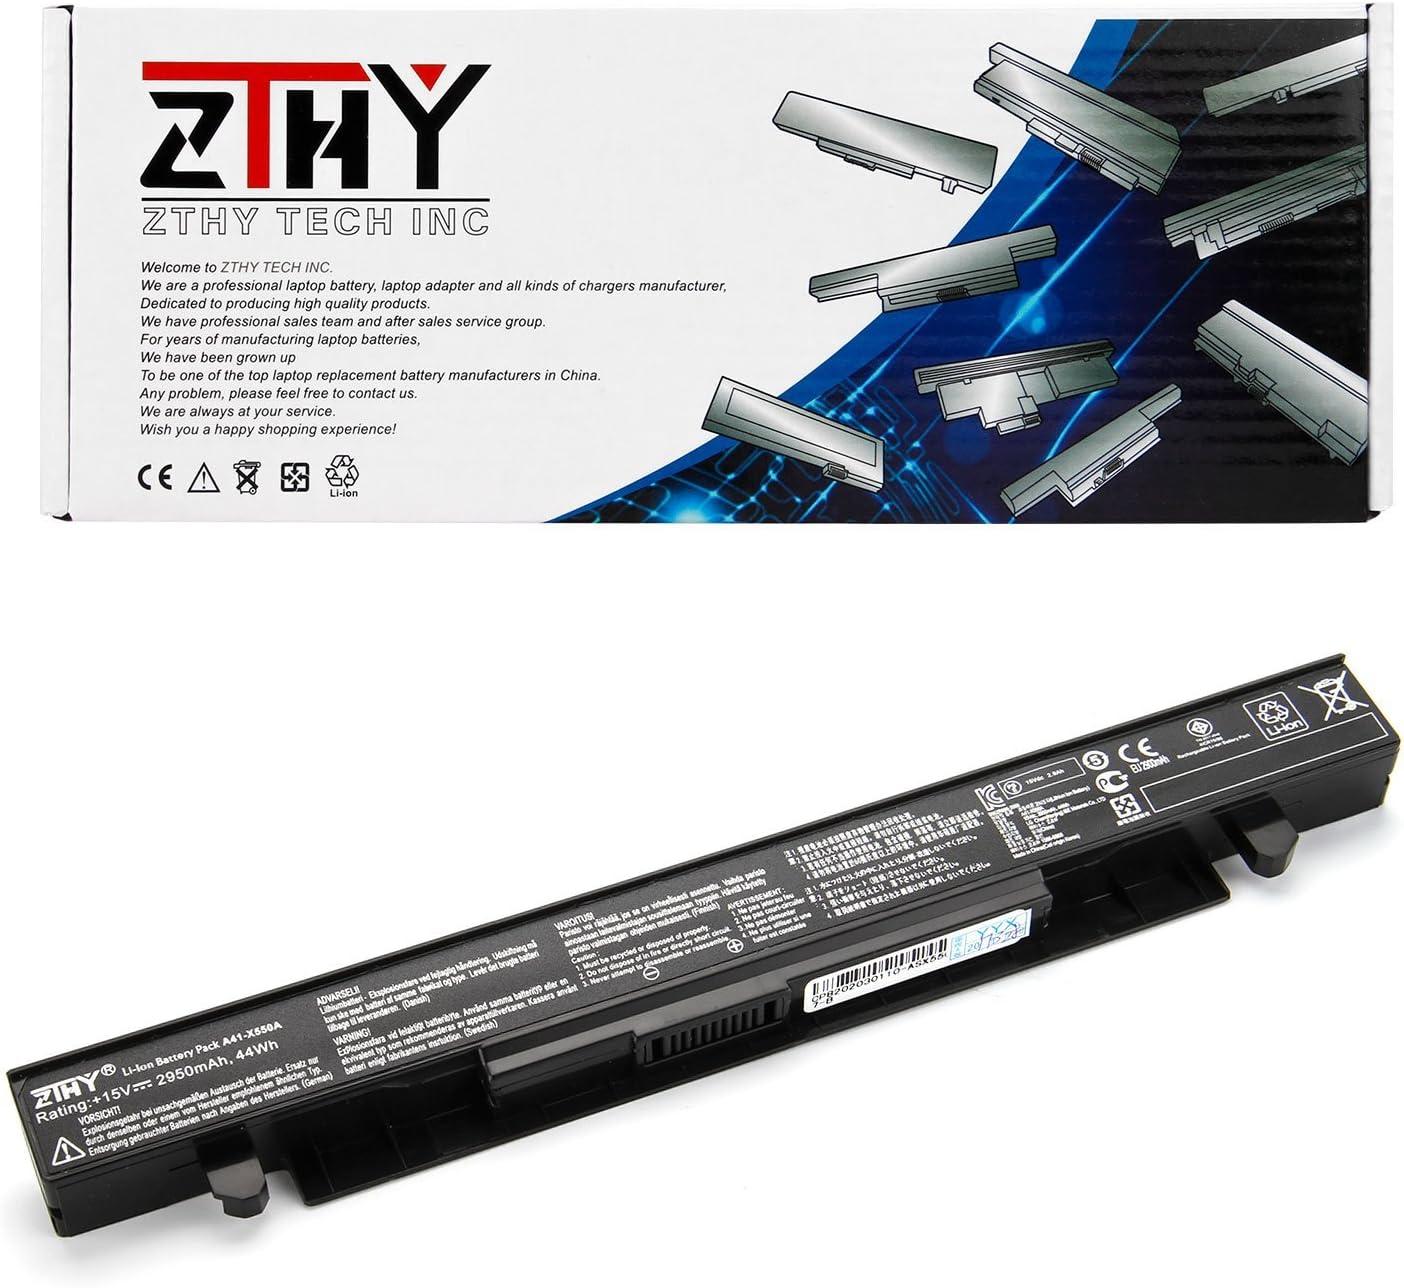 K KYUER 38WH 2600mAh A41-X550A Batería para ASUS X550 X550C X550CA X550CC X550CL X550E X550L X550LN X550V X550VC X550A X550B A450 P550 R510 X450 A550C A450C F550 F552 K450 K550 R510 Laptop